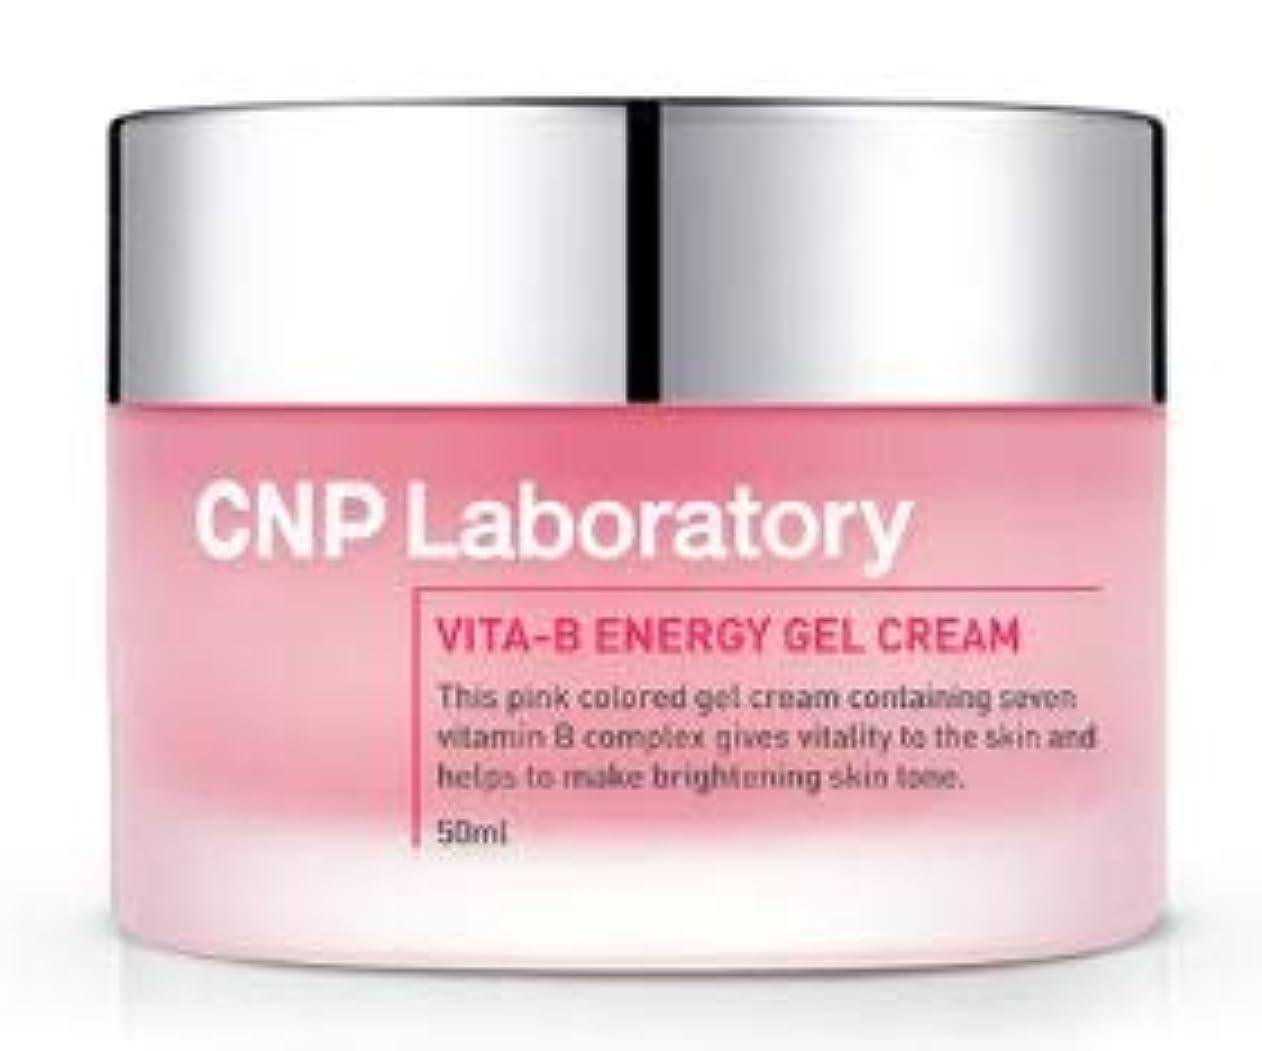 クリークモーター一致[CHA&PARK(CNP)] Vita-B Energy Gel Cream 50ml /[チャアンドパク(CNP)] ビタ-B エネルギー ジェル クリーム 50ml [並行輸入品]